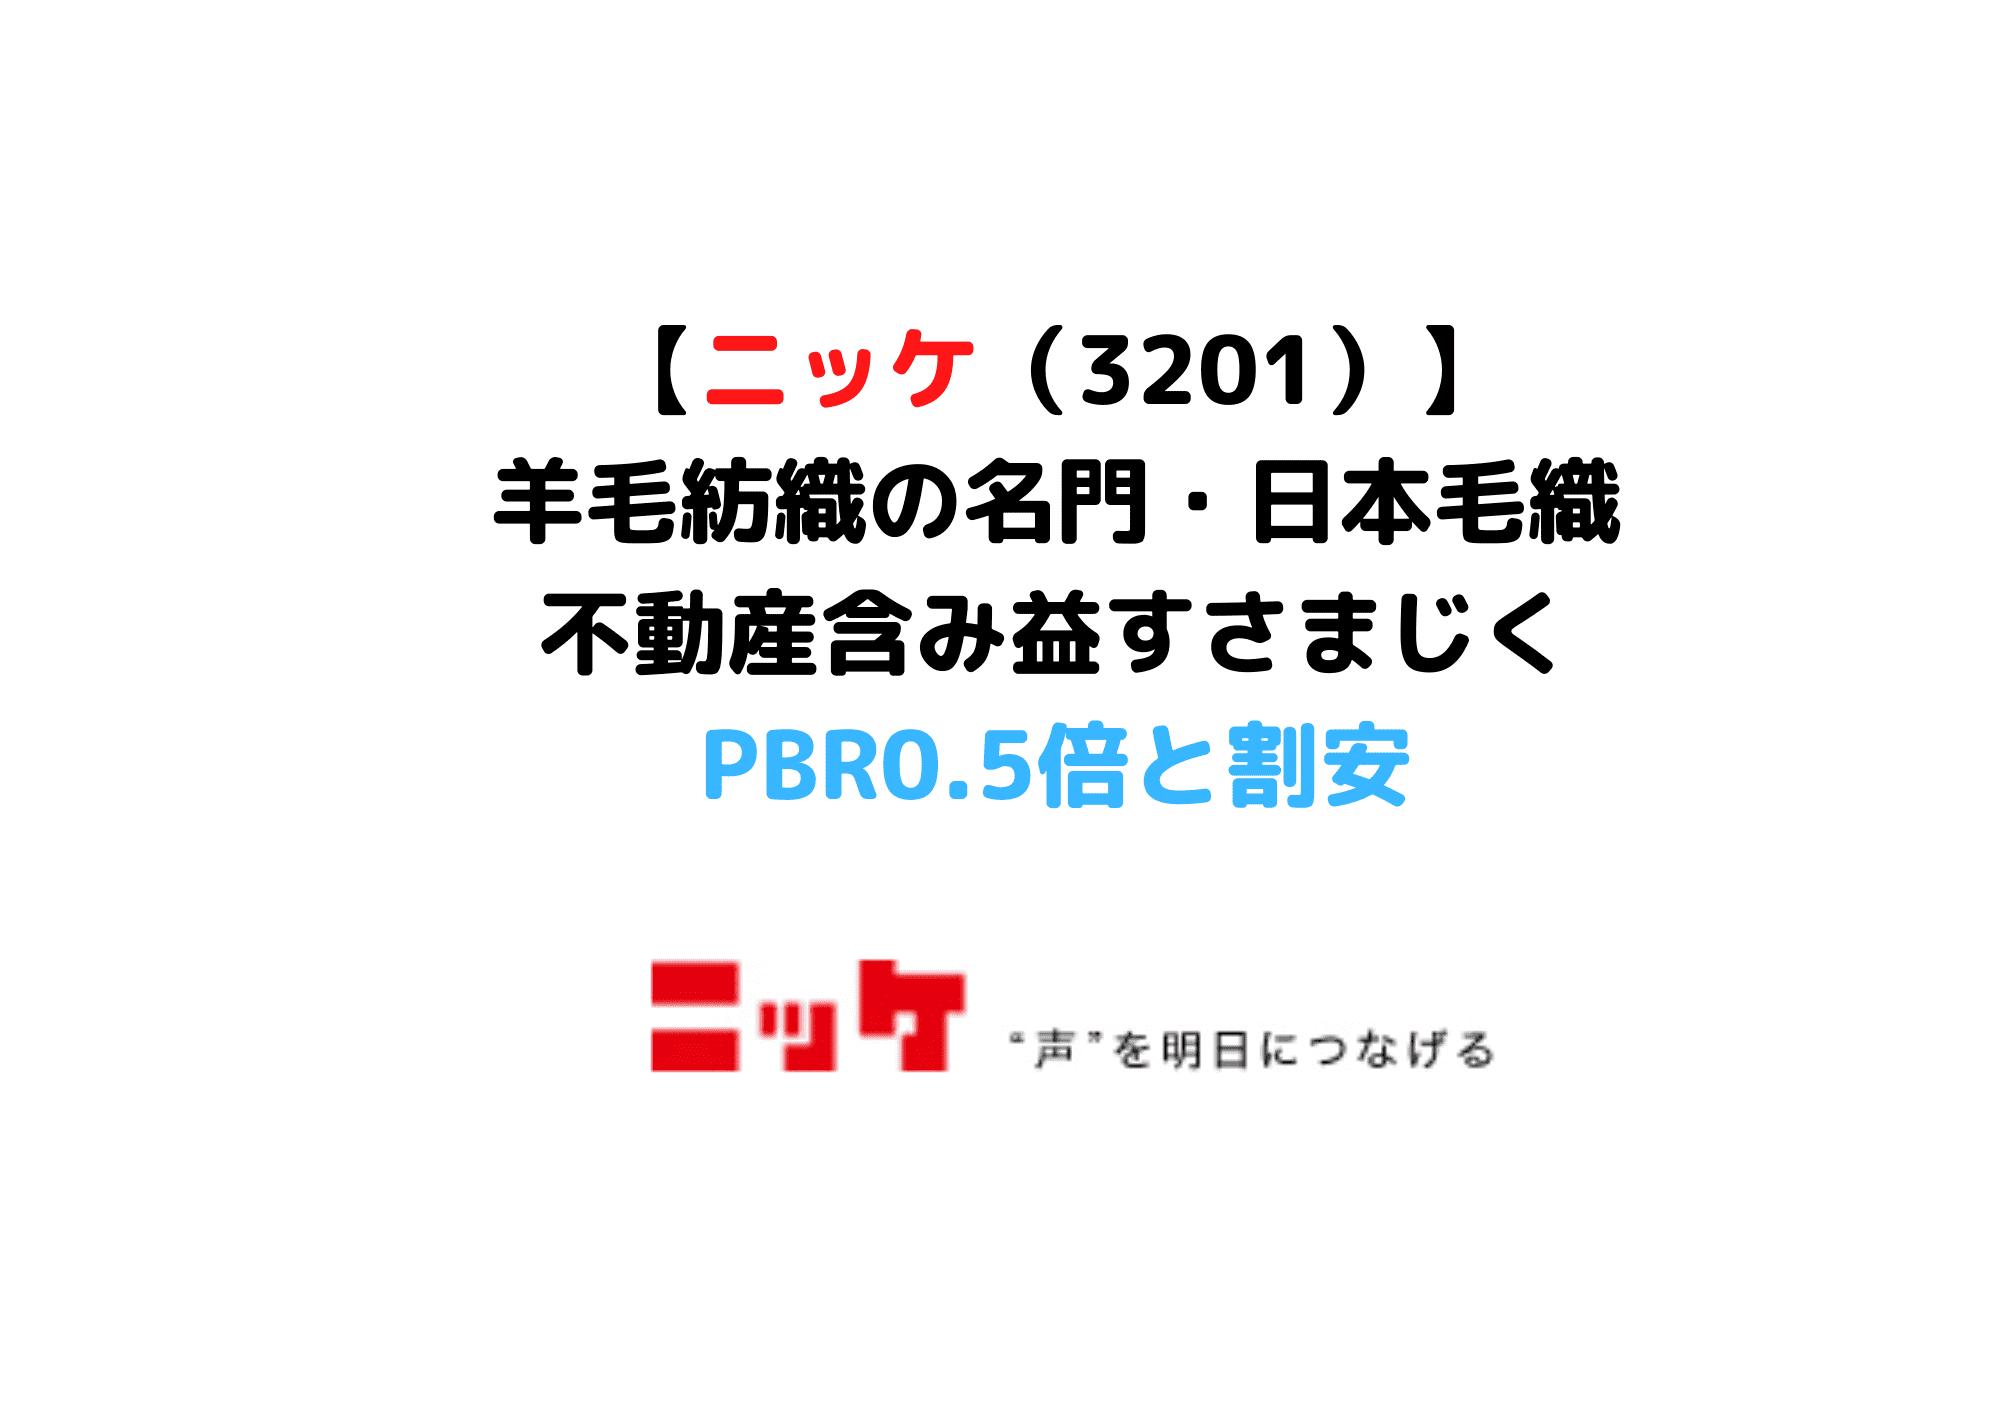 3201 ニッケ